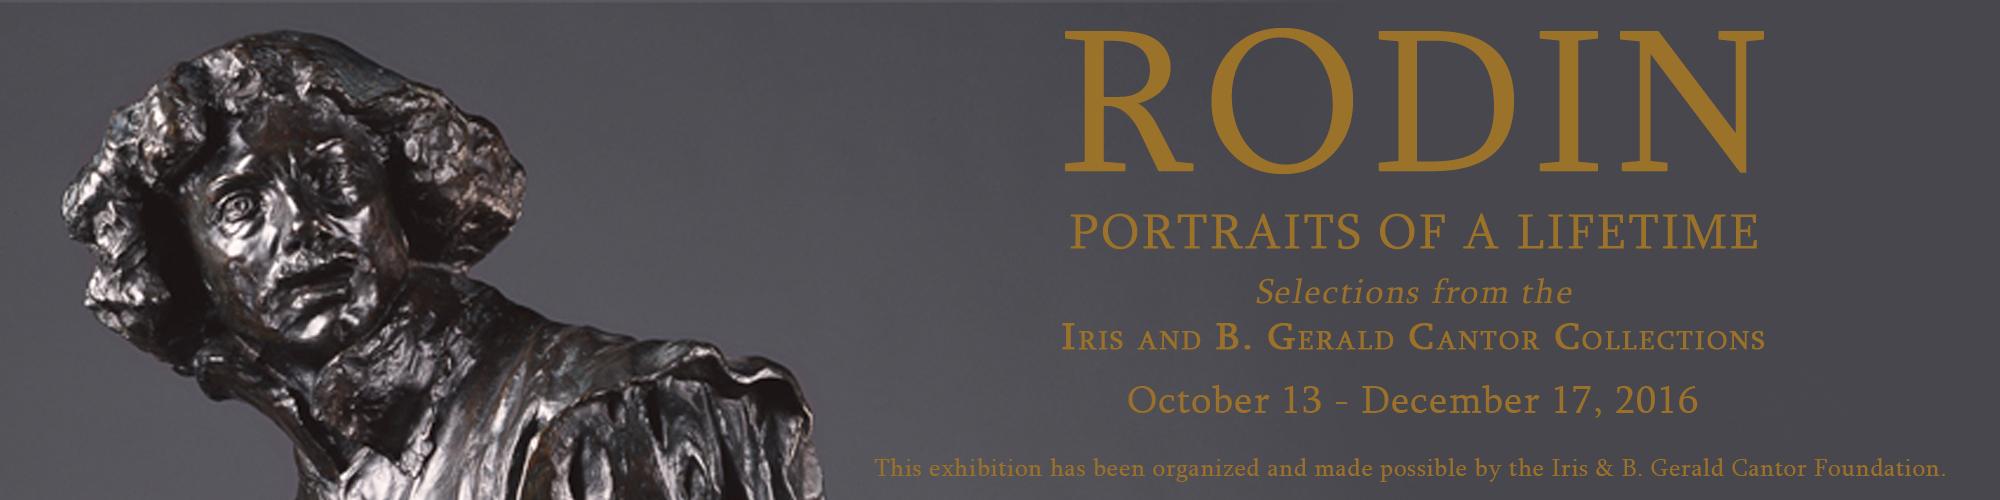 rodin-web-banner